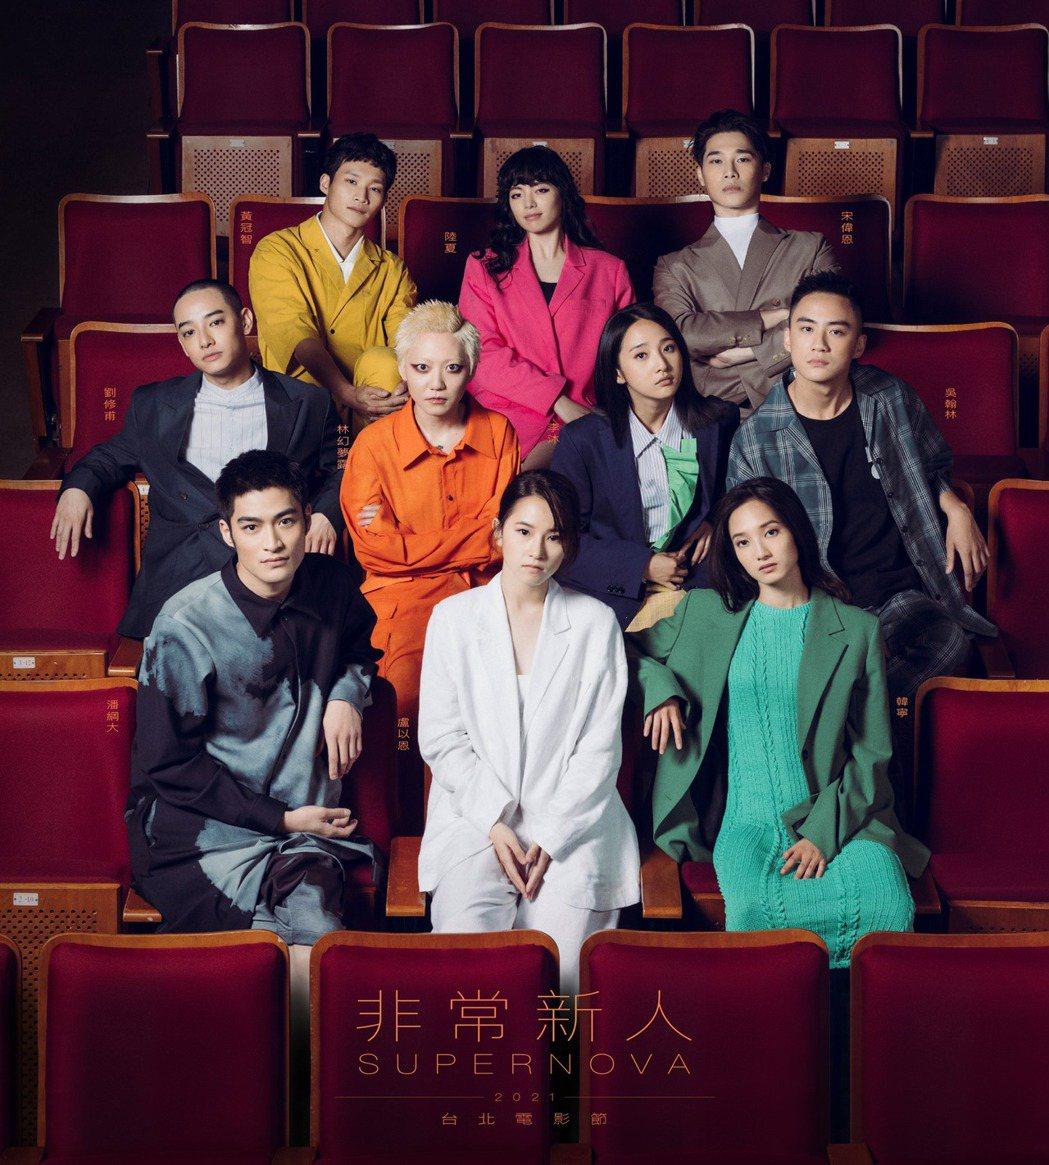 台北電影獎頒獎典禮將於10月9日晚間舉行。 圖/擷自台北電影節臉書